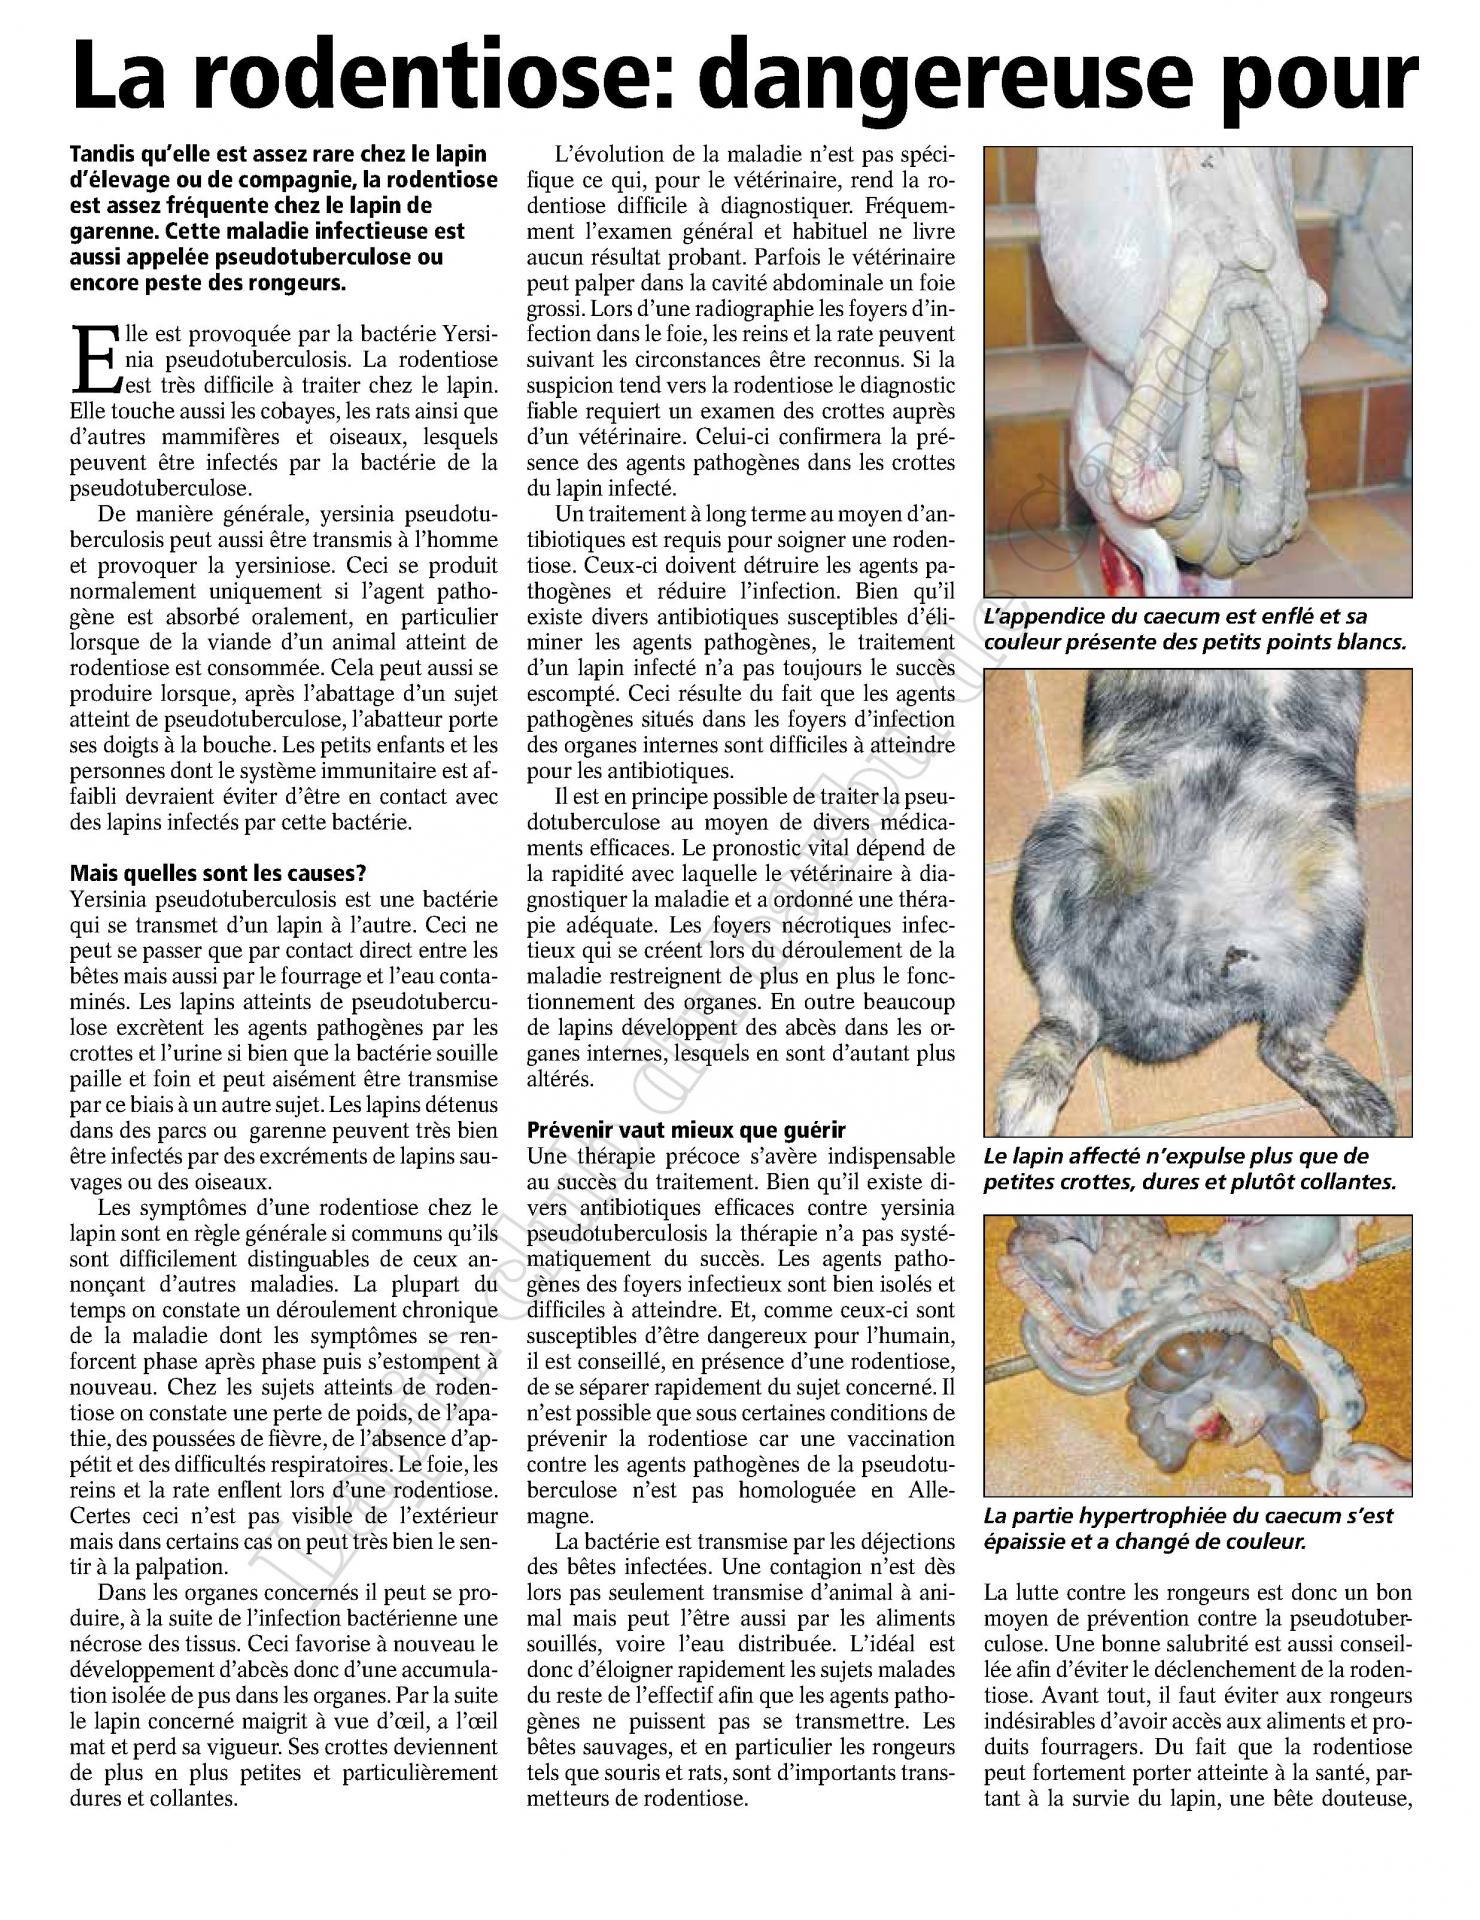 La rodentiose dangereuse pour l eleveur et le lapin 1